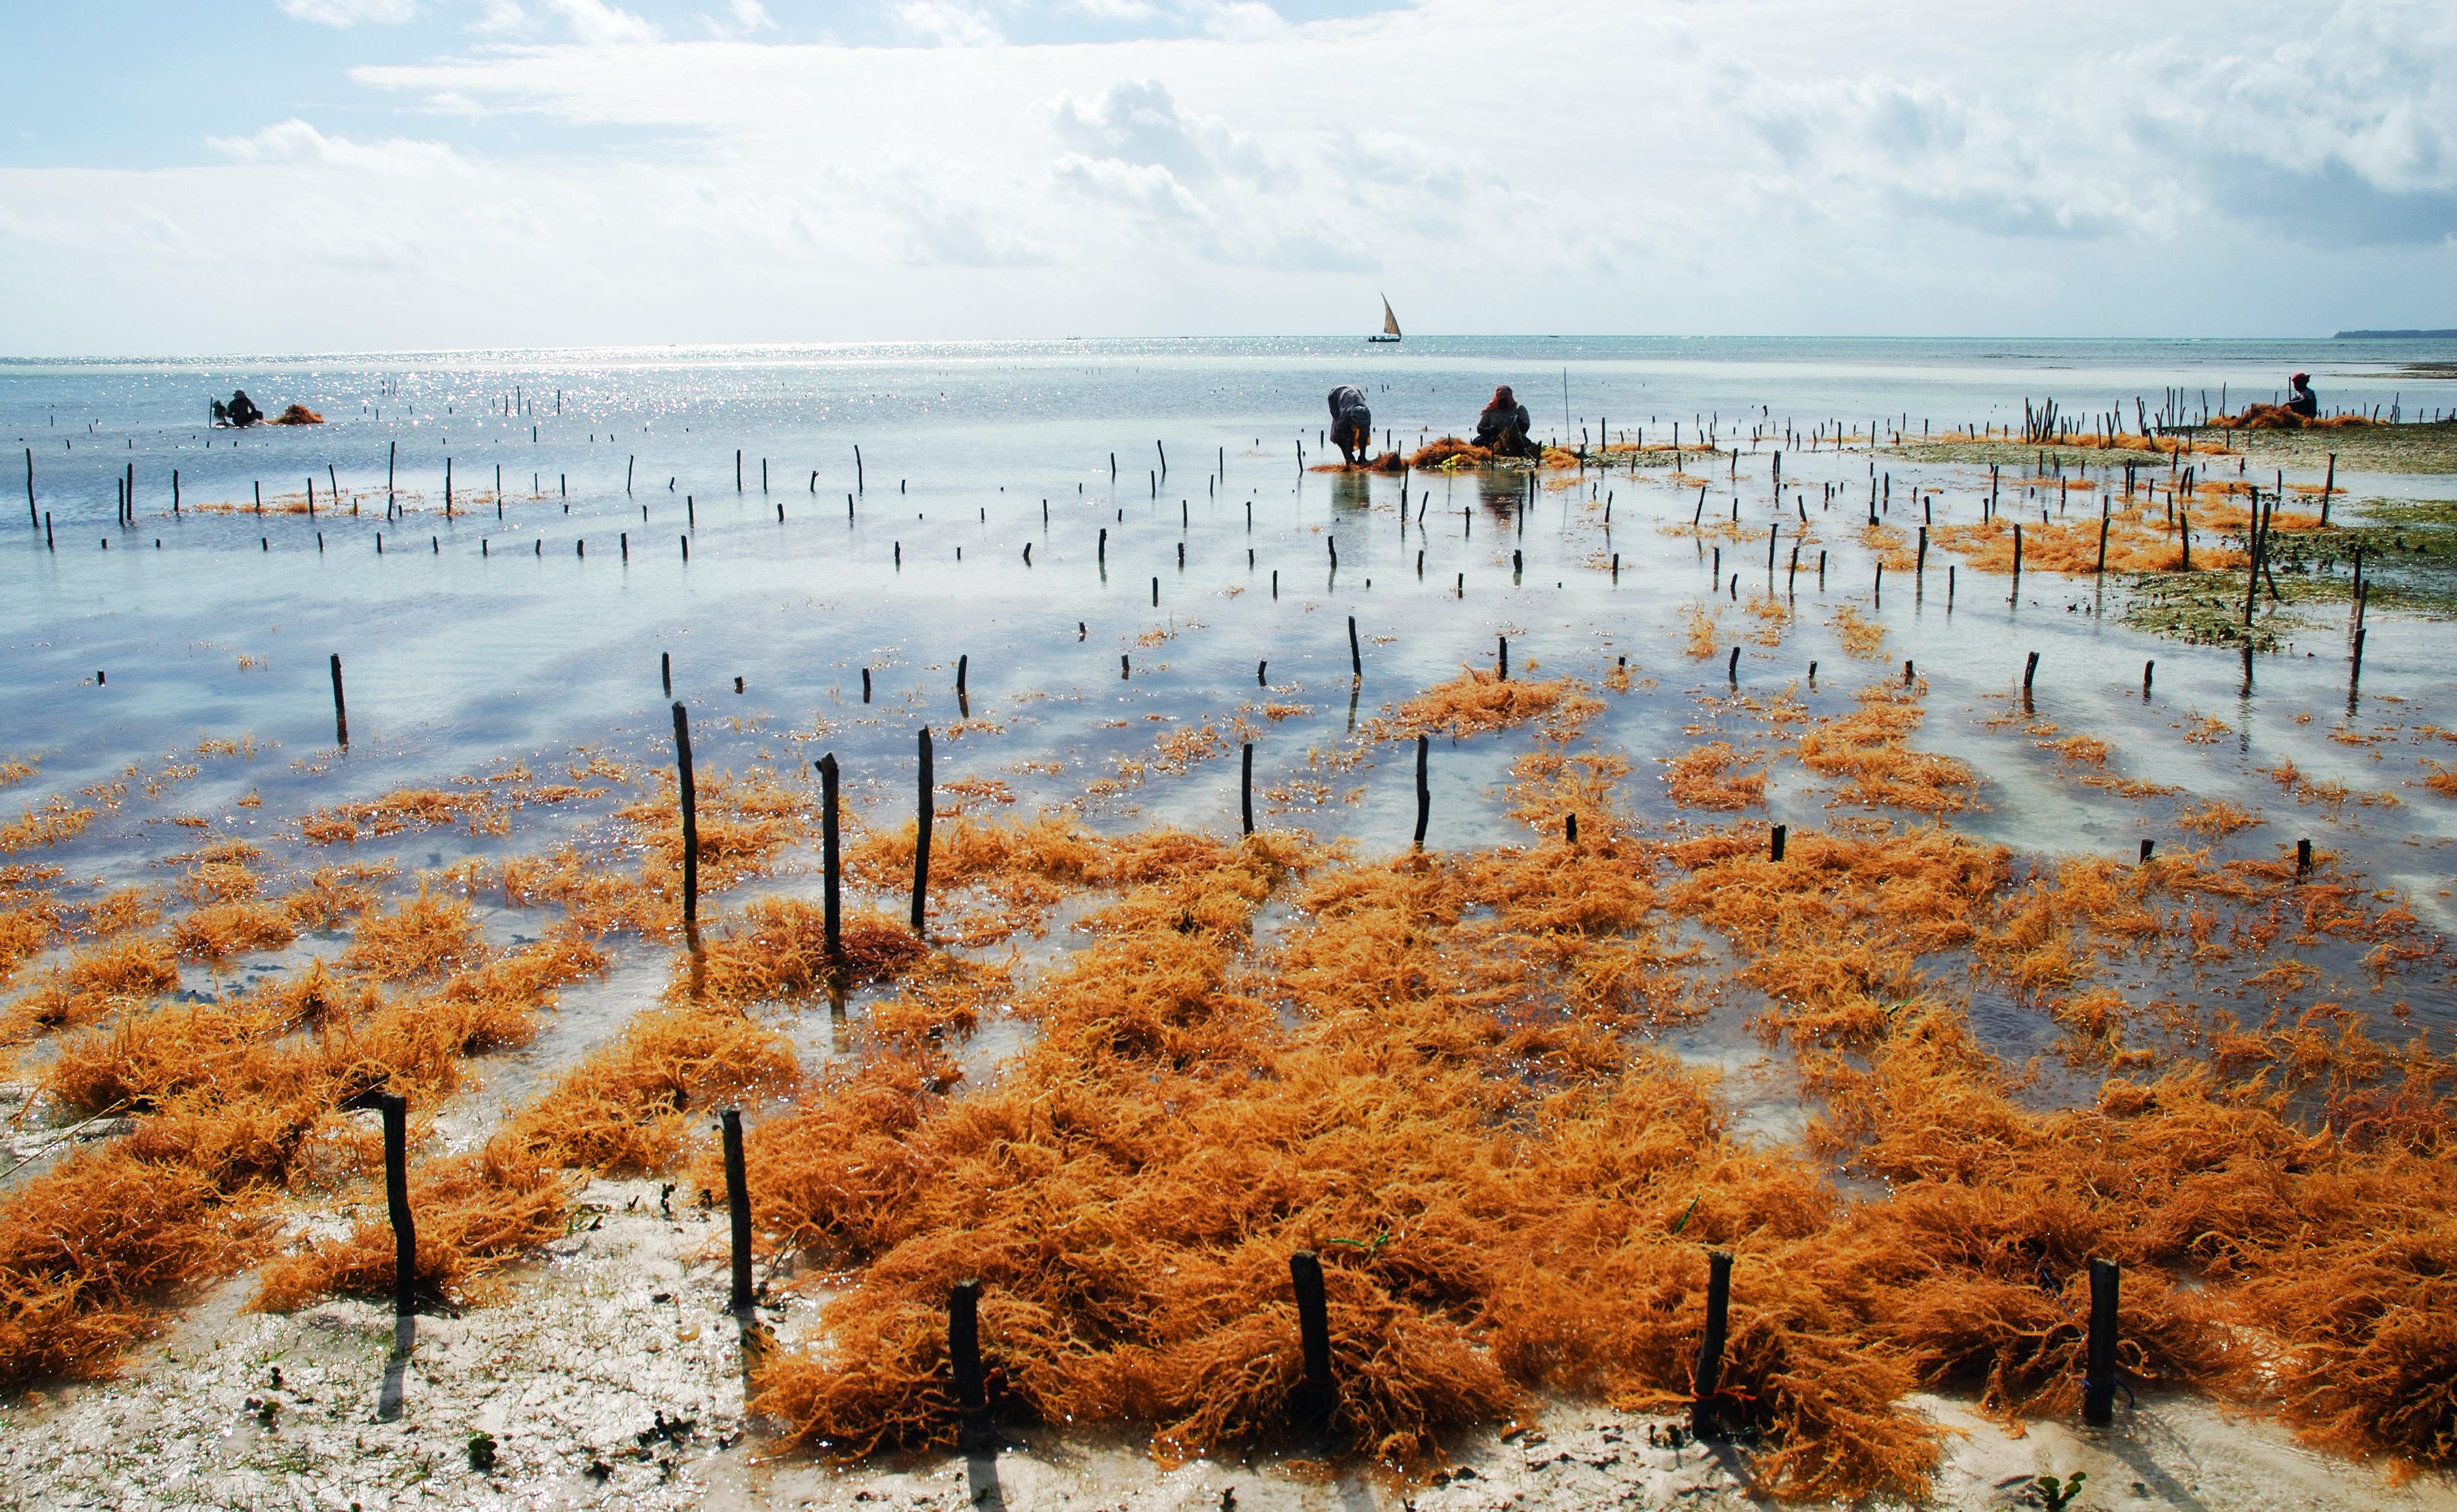 Coltivazione di alghe ad Uroa